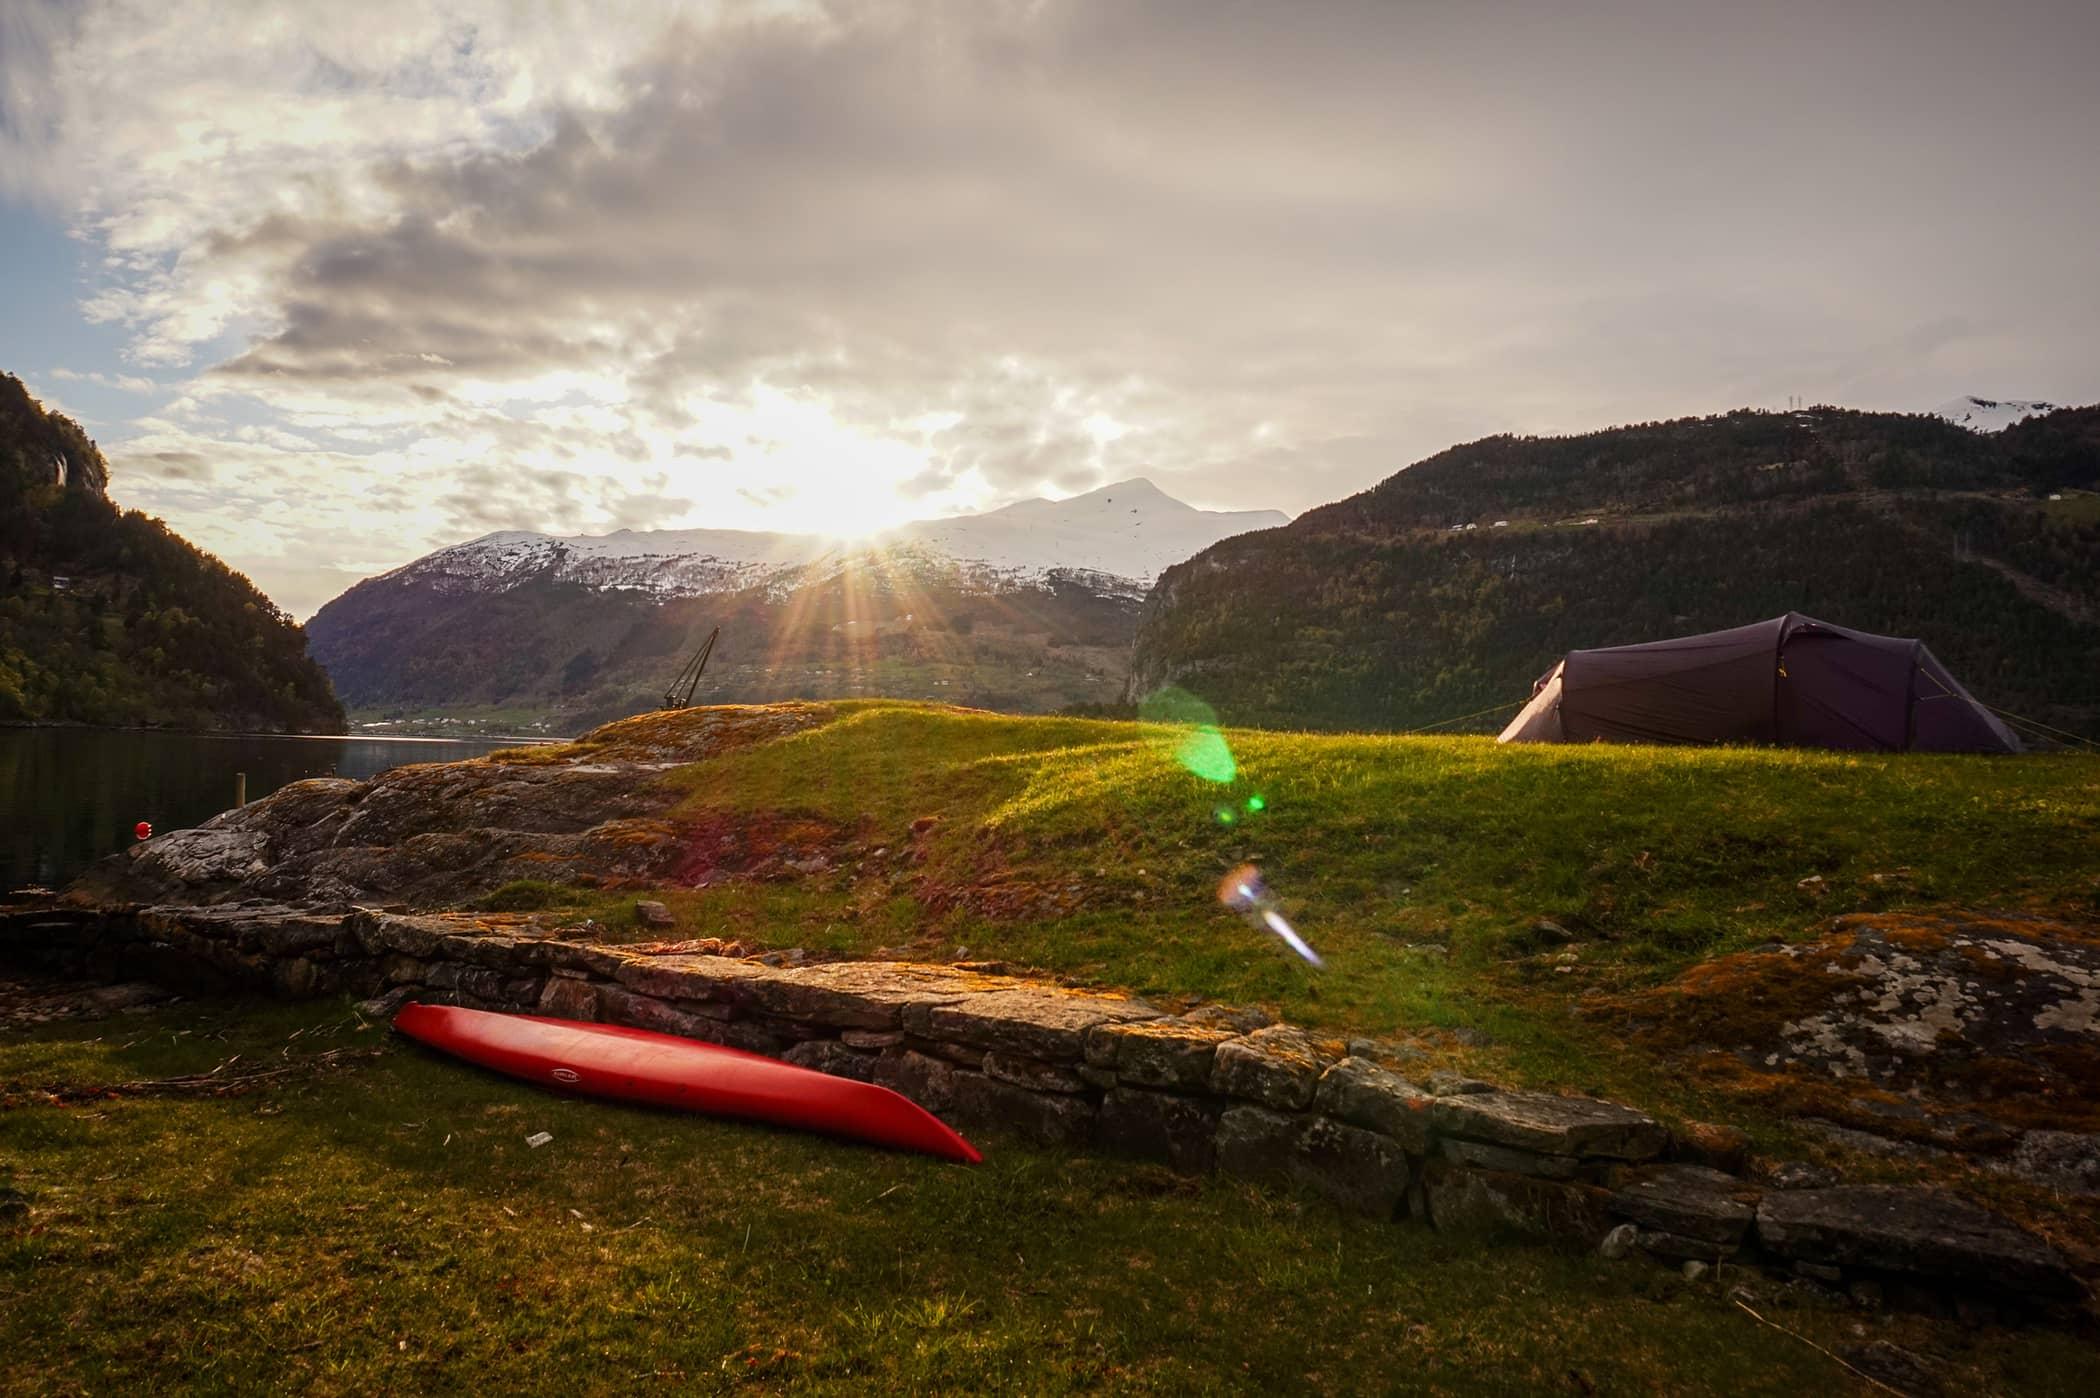 SunnmreKajakk_Britt-Ingunn-Tafjord-Walle-3.jpg